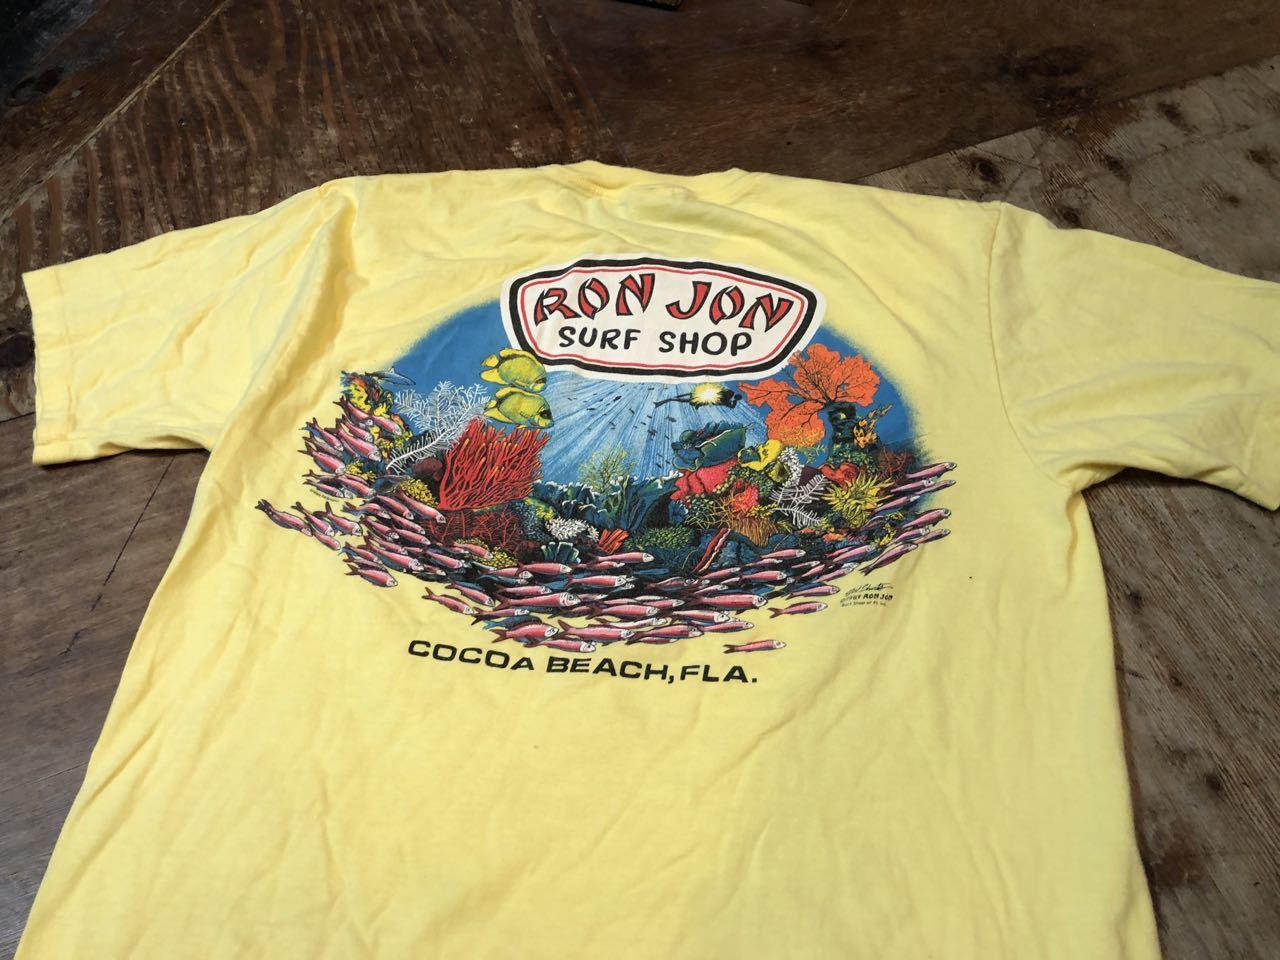 8/3(土)入荷!80s MADE IN U.S.A RON JON SURF SHOP バックプリント ポケットTシャツ!_c0144020_14183783.jpg